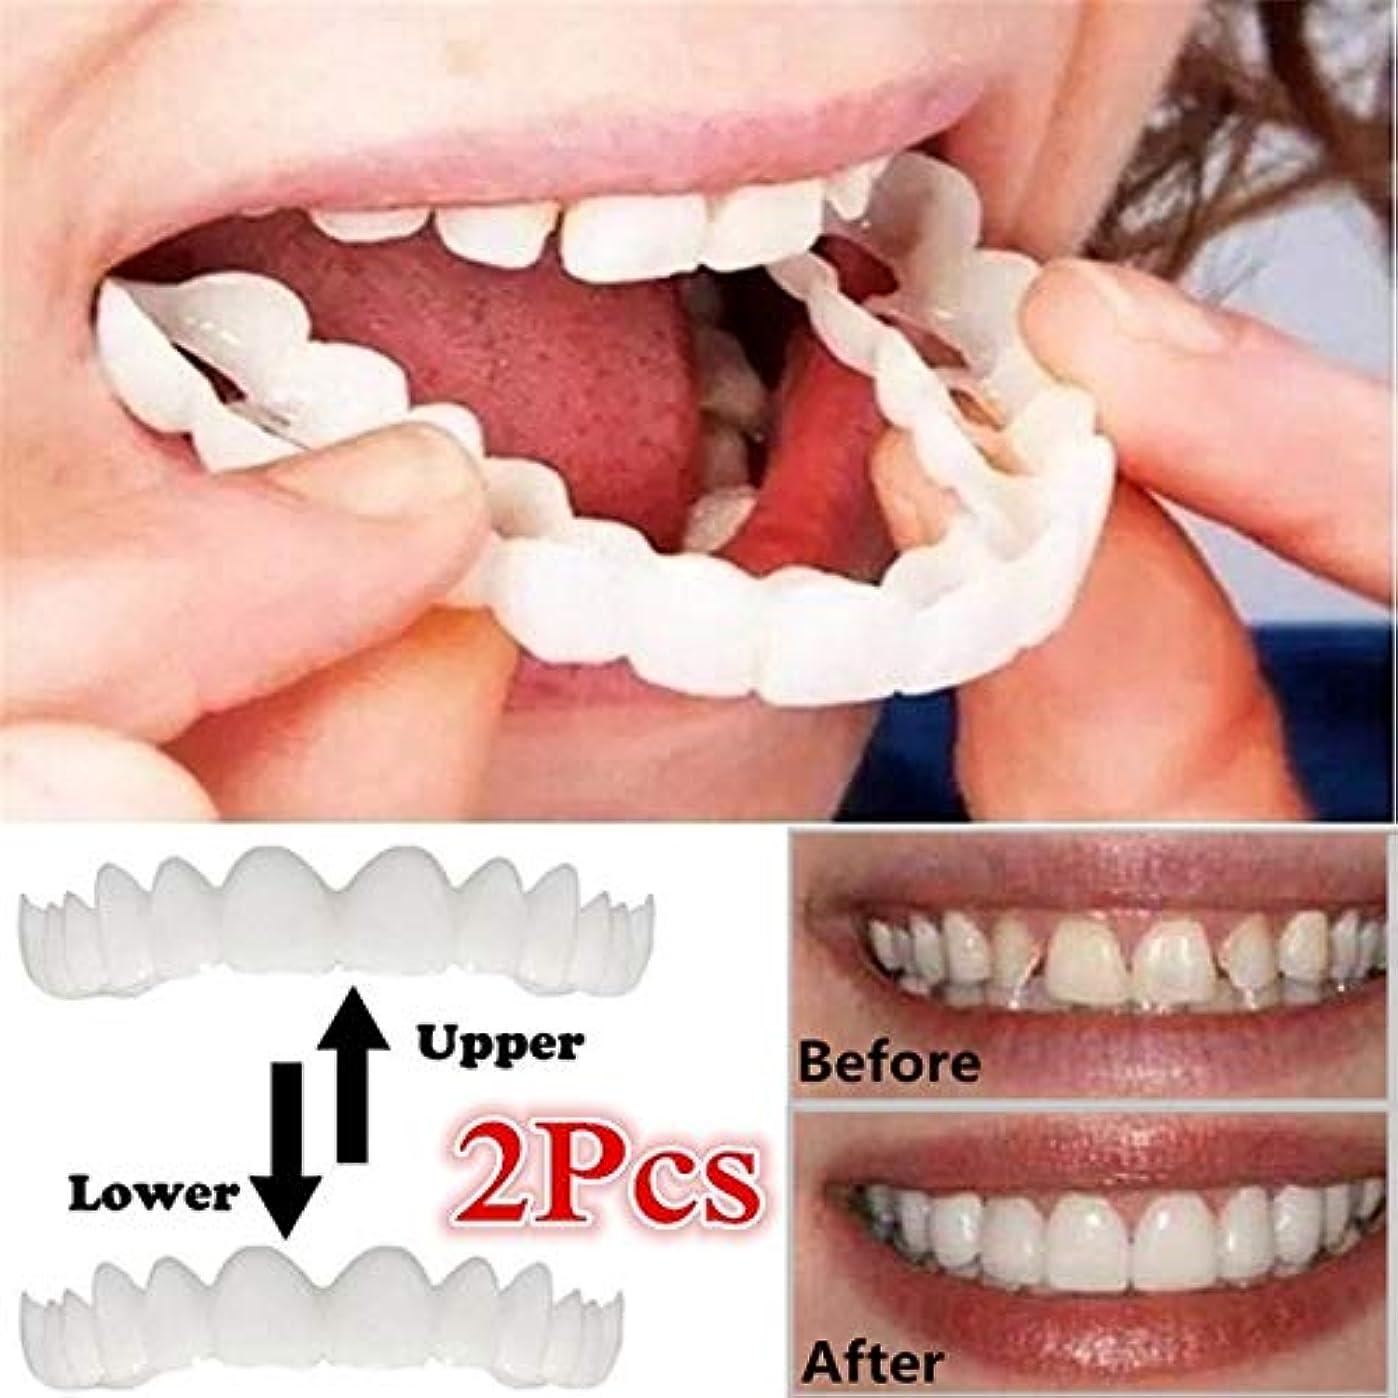 こっそりインセンティブ方法新しい1対の模擬歯の笑顔が、最も快適な上下の歯のベニア(一番下と一番上)のための柔らかい歯に快適にフィット